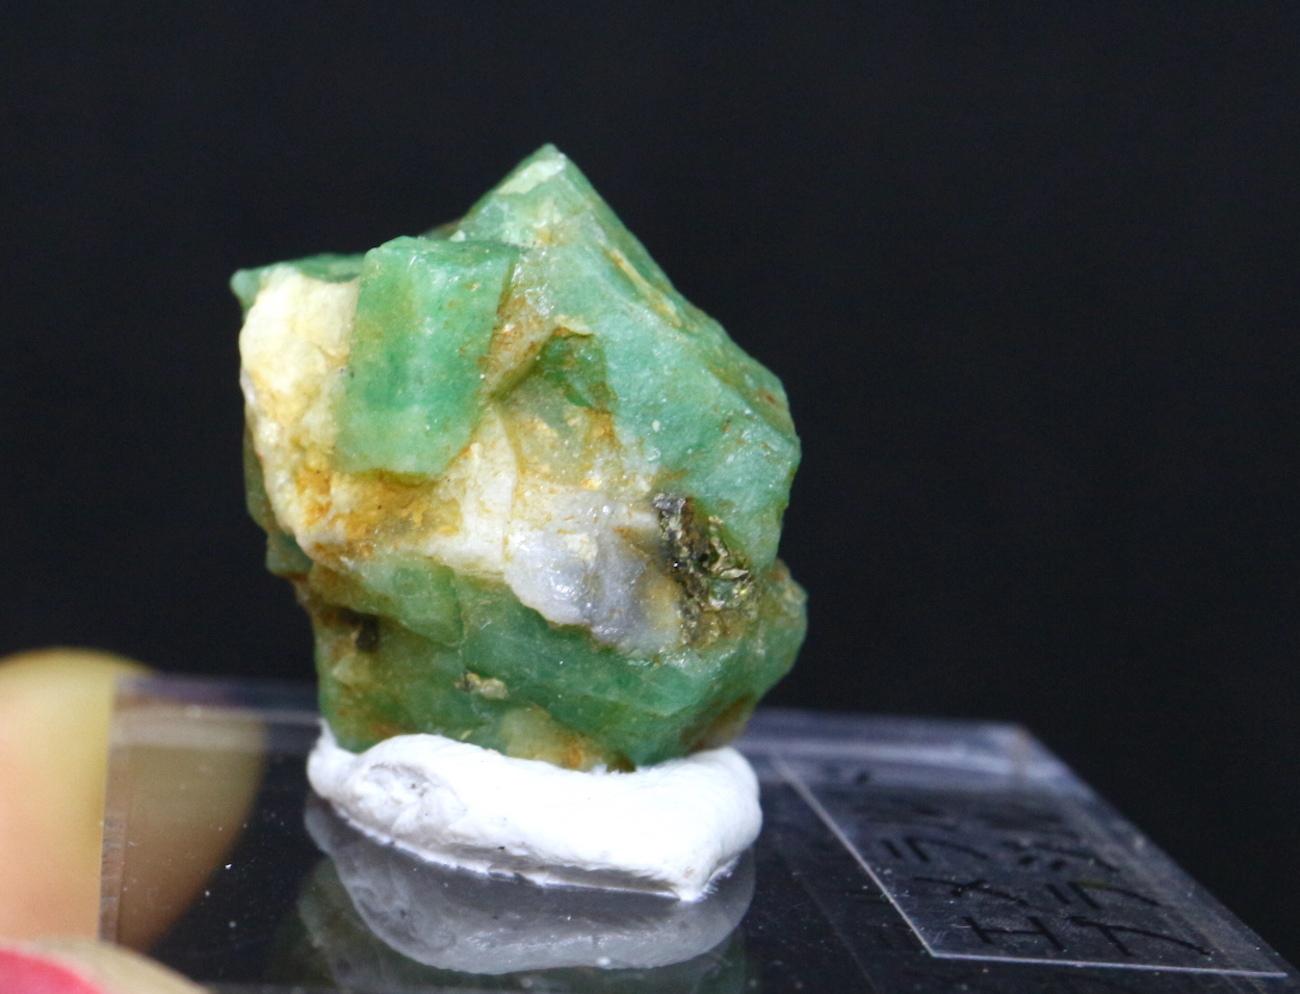 エメラルド 原石 標本 鉱物 台付き ED042 ベリル 緑柱石 パワーストーン